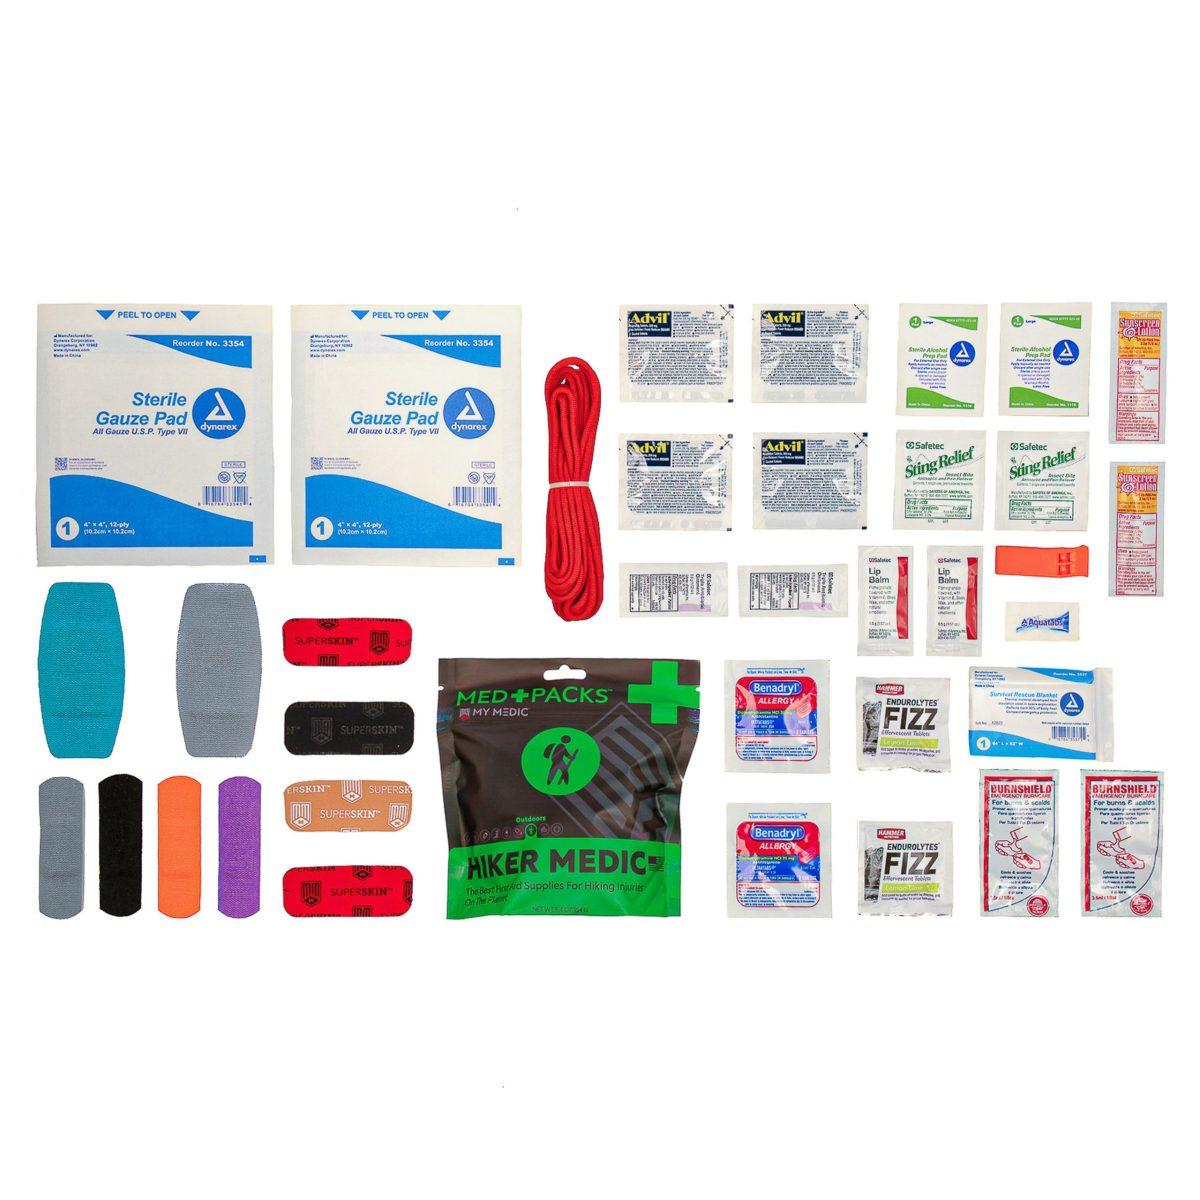 Hiker Medic Med Pack